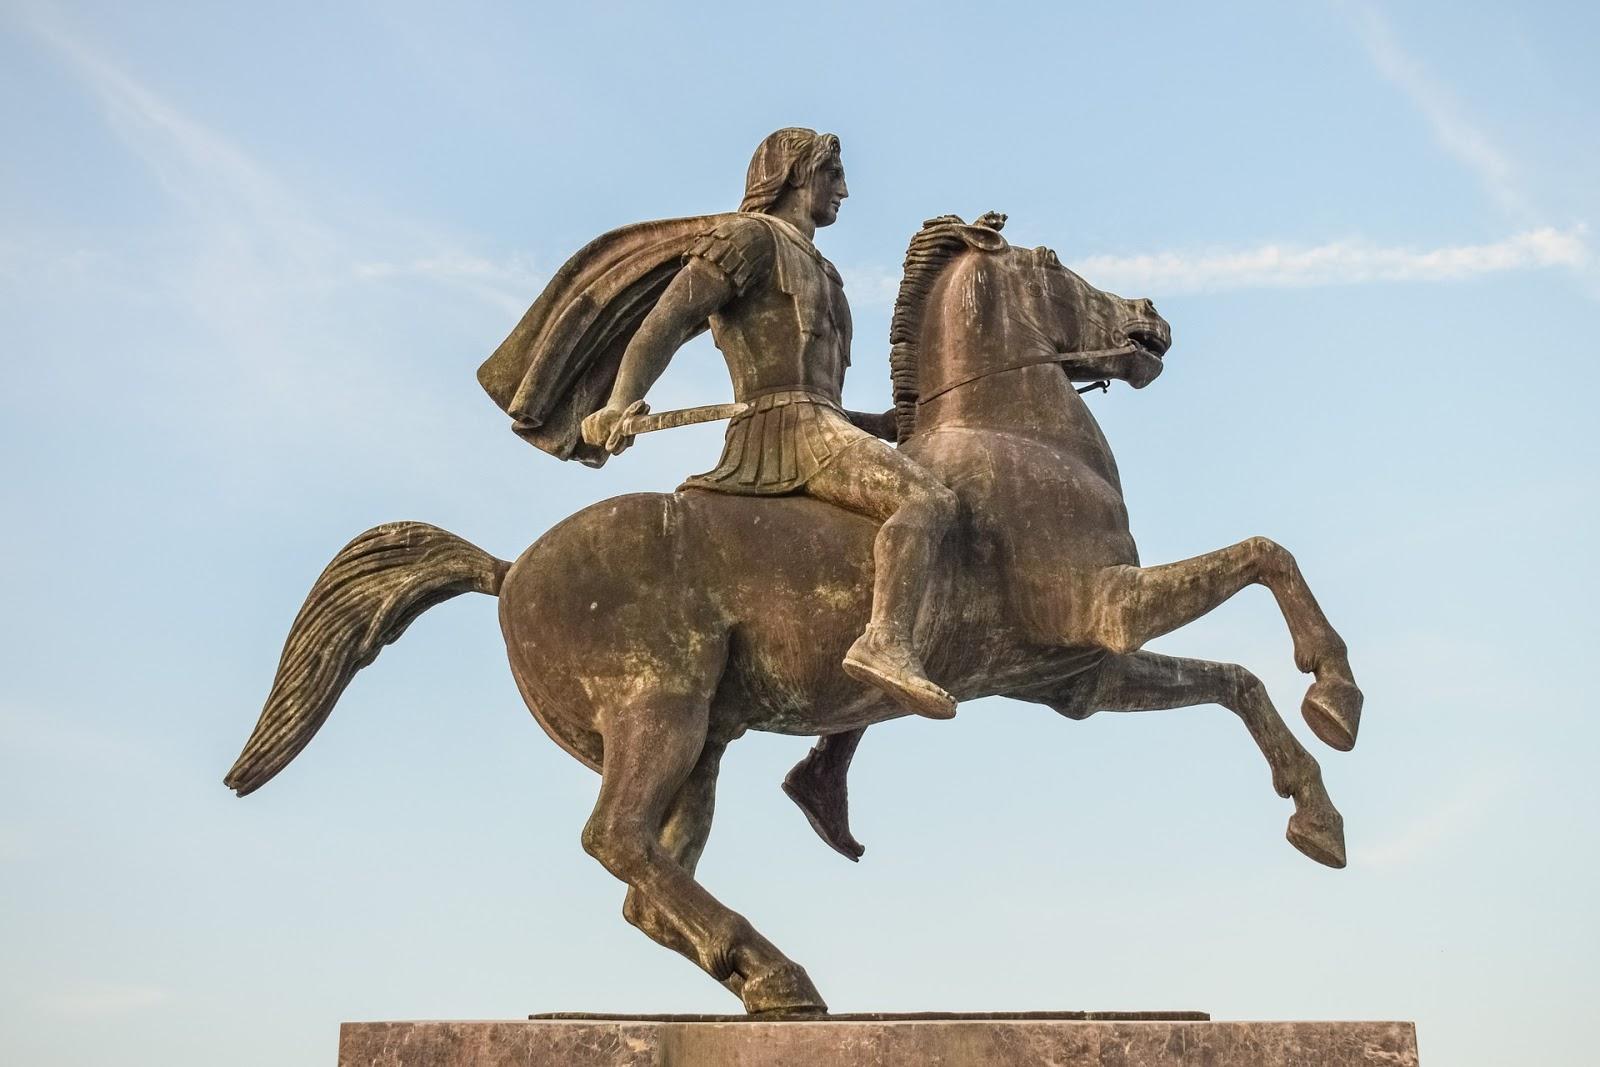 ಅಲೆಕ್ಸಾಂಡರನ ಅಂತಿಮ ದಿನಗಳು : Last Days of Alexander